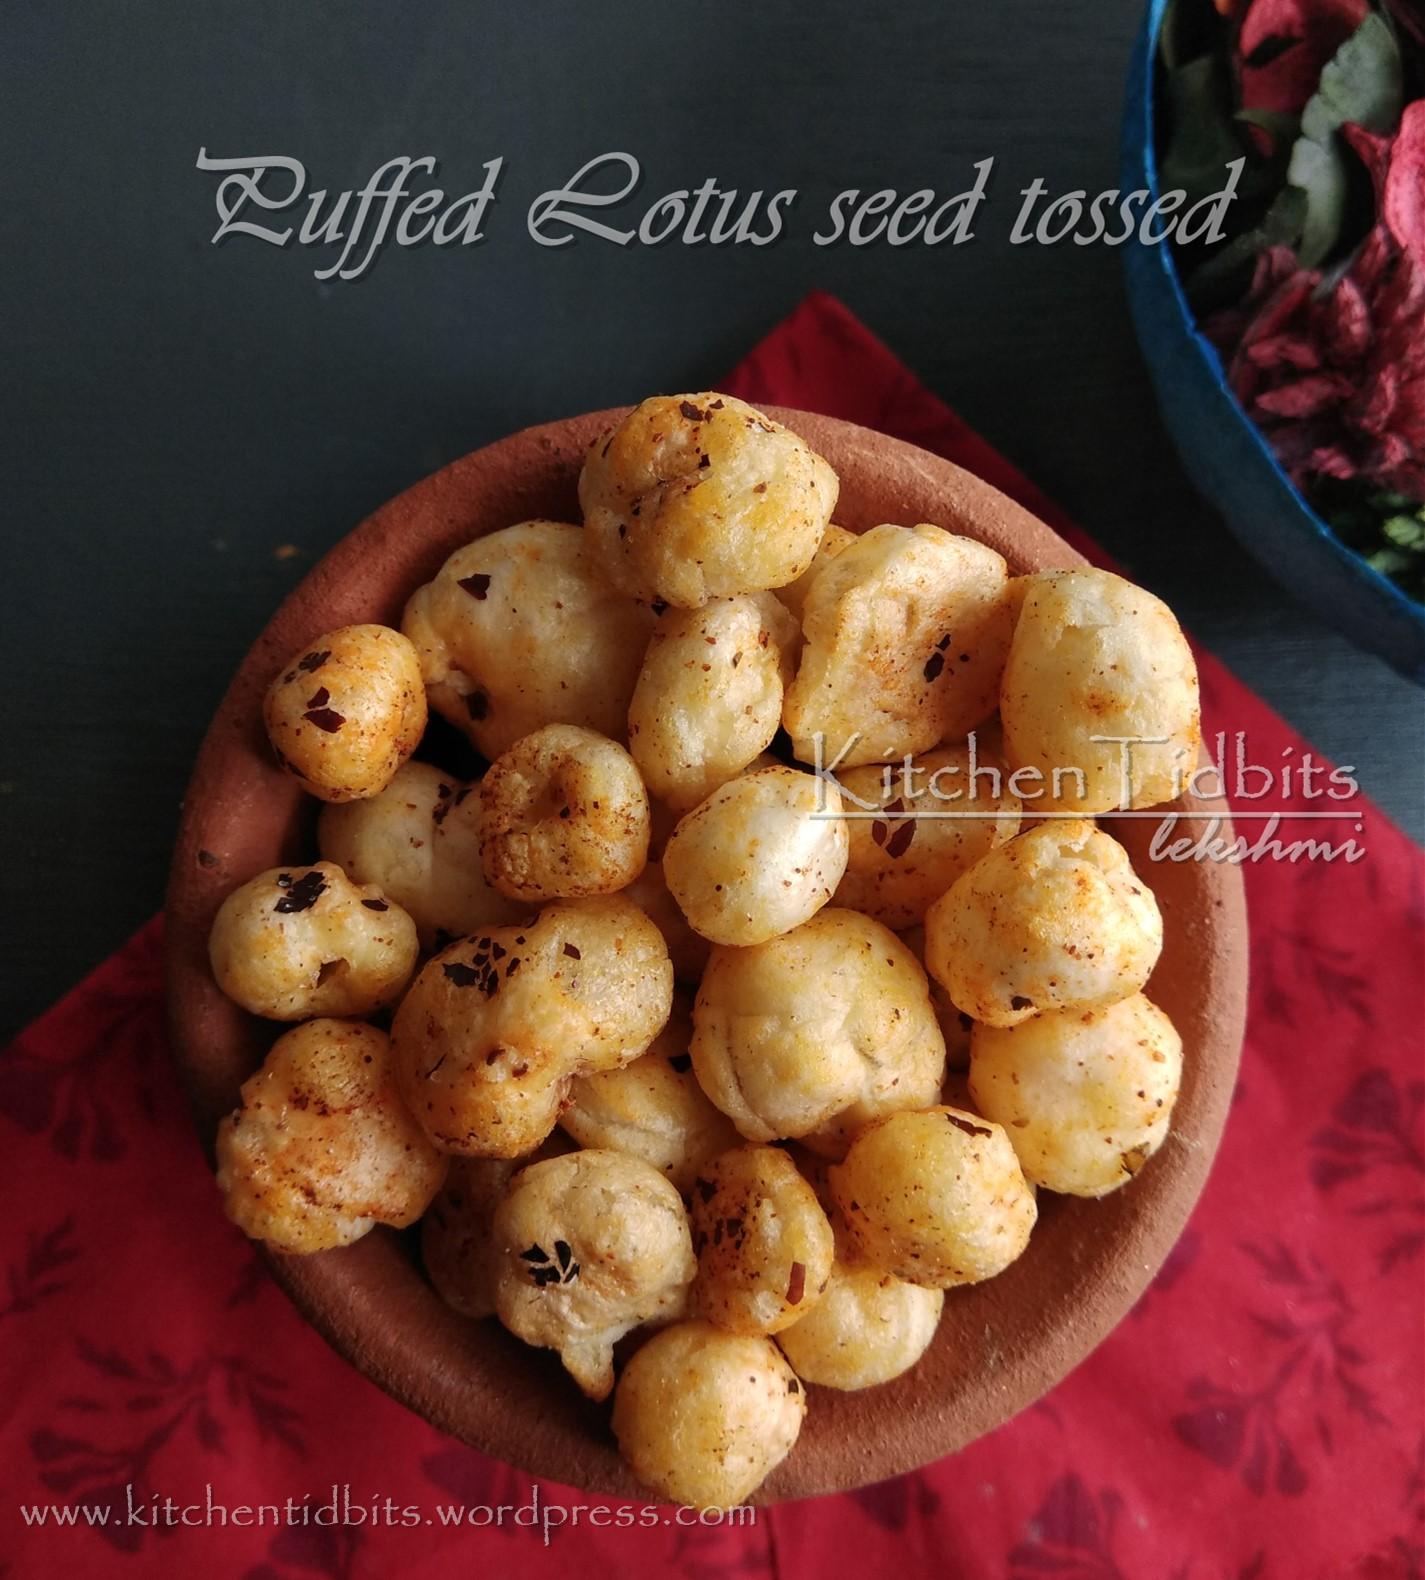 Puffed Lotus Seed /Phool Makhana Tossed